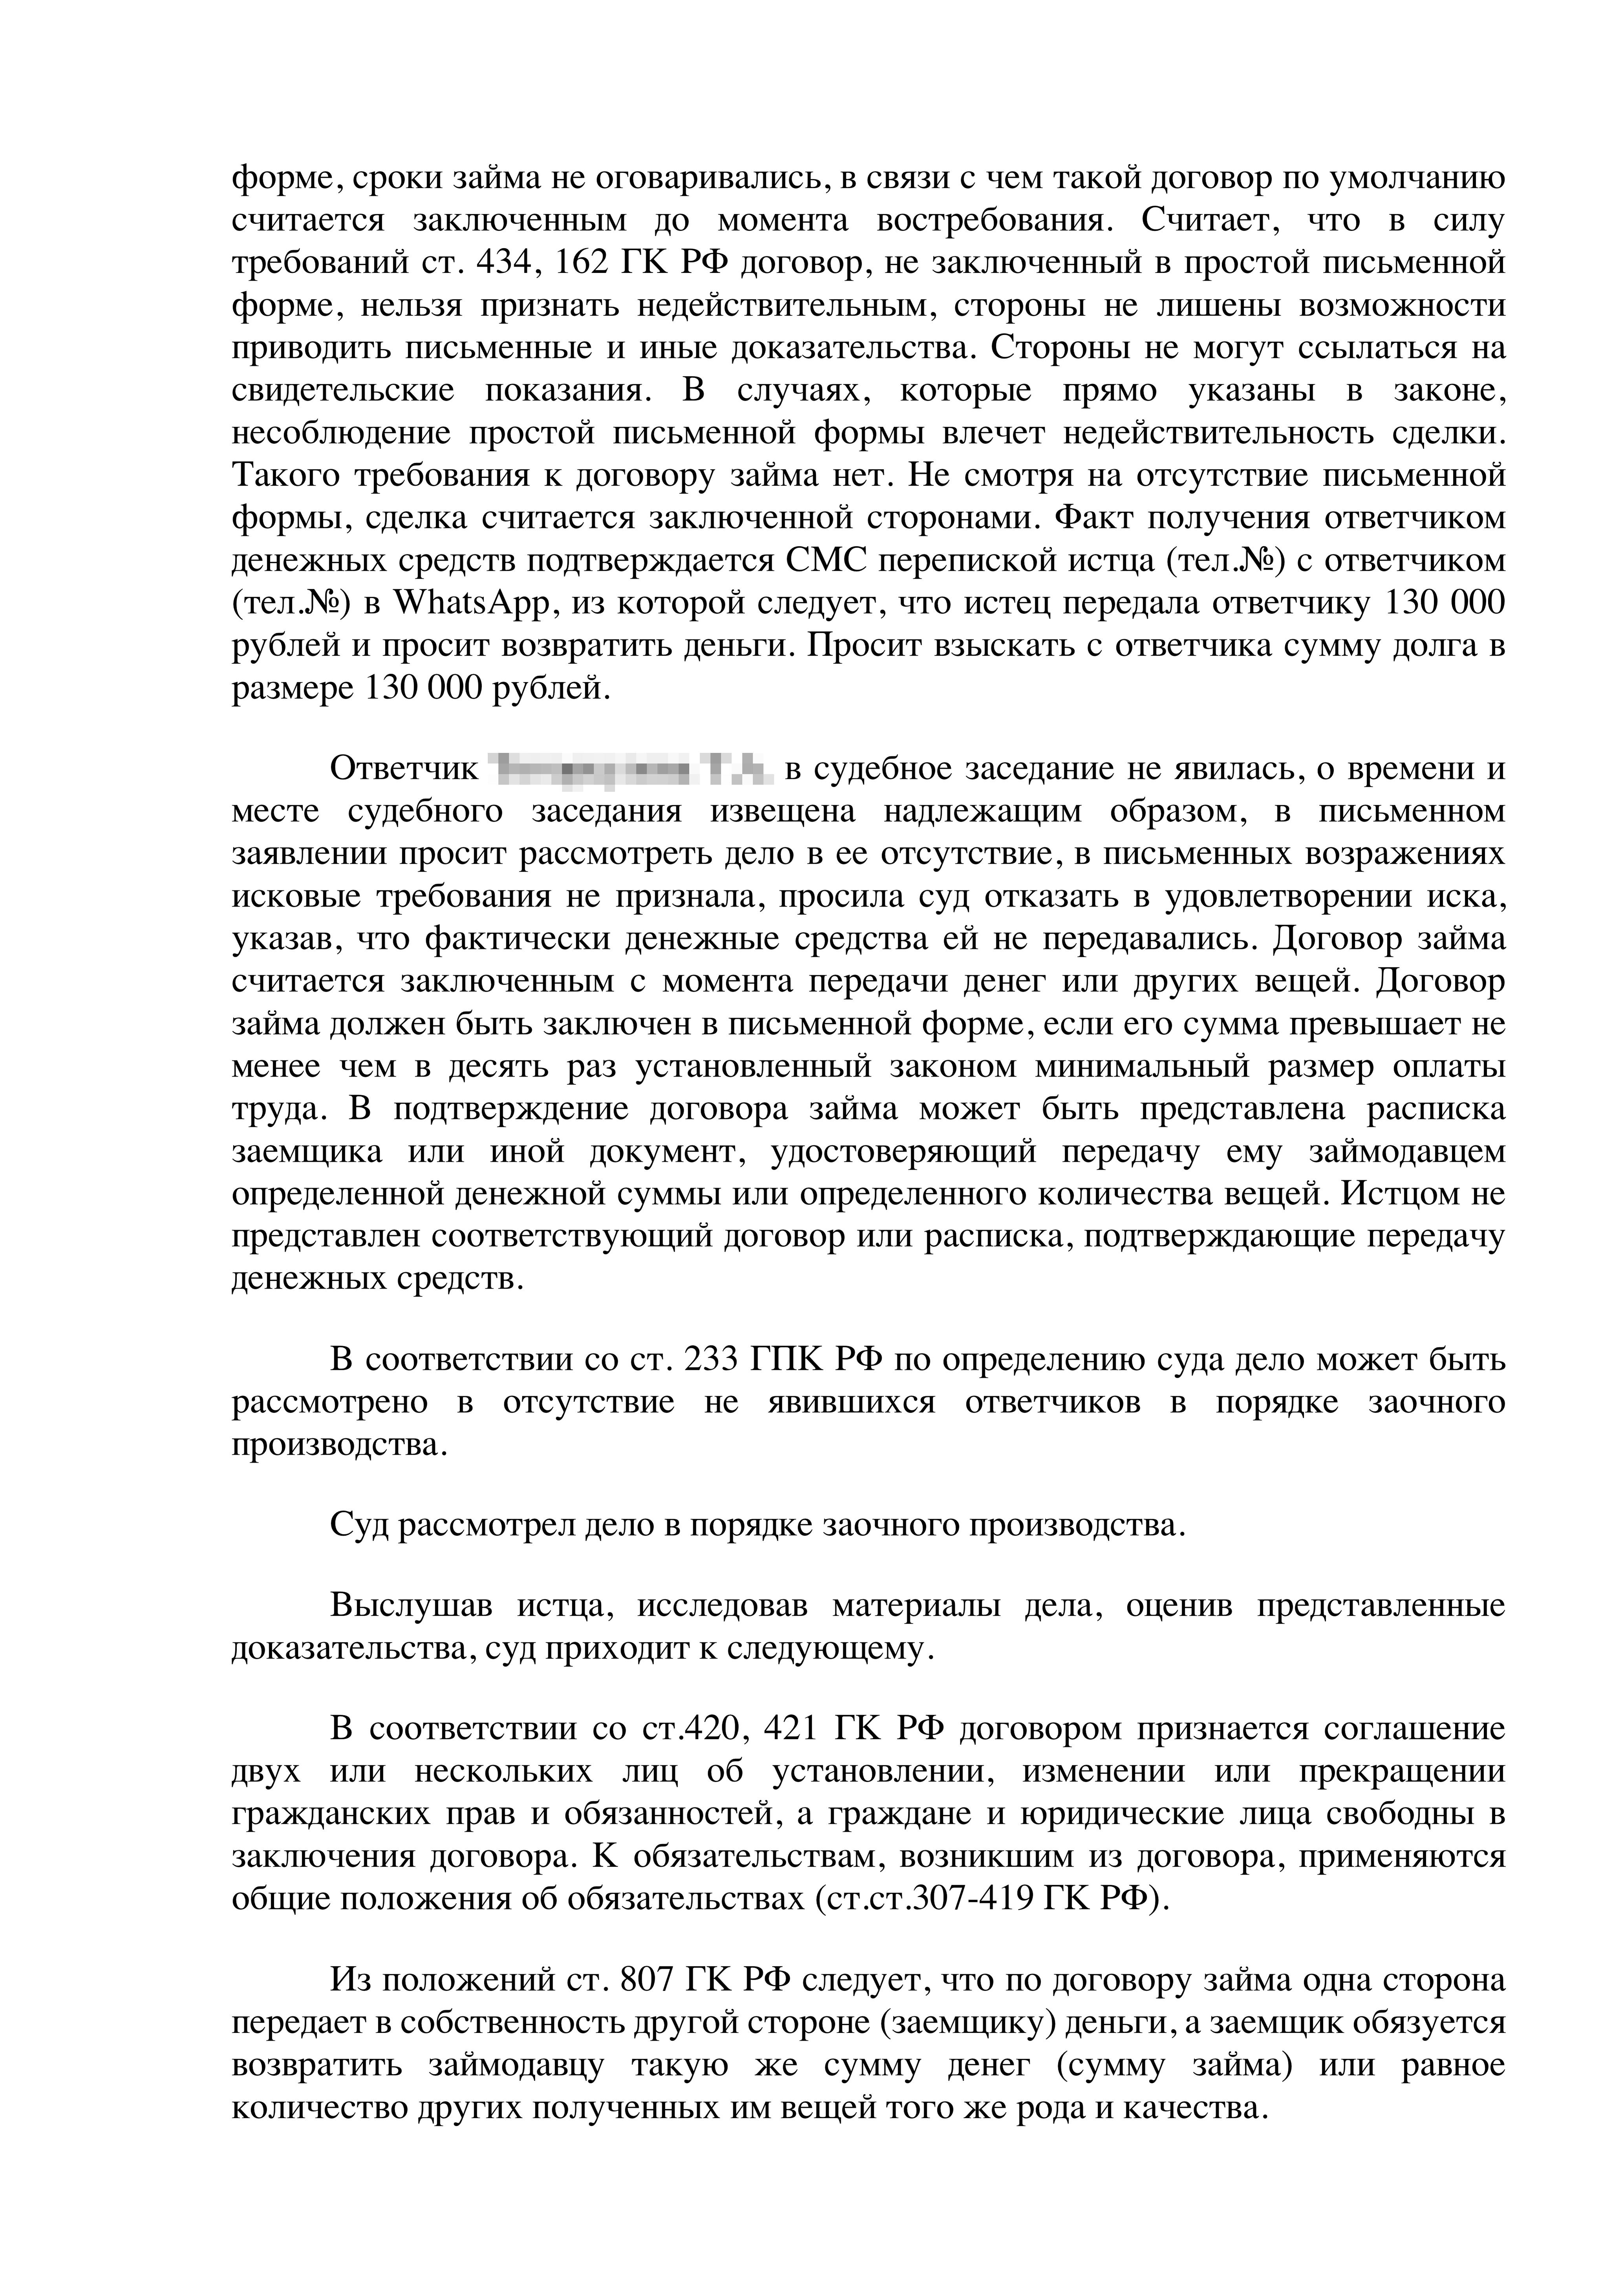 займ под расписку ульяновск заявка на кредит открытие банк онлайн заявка